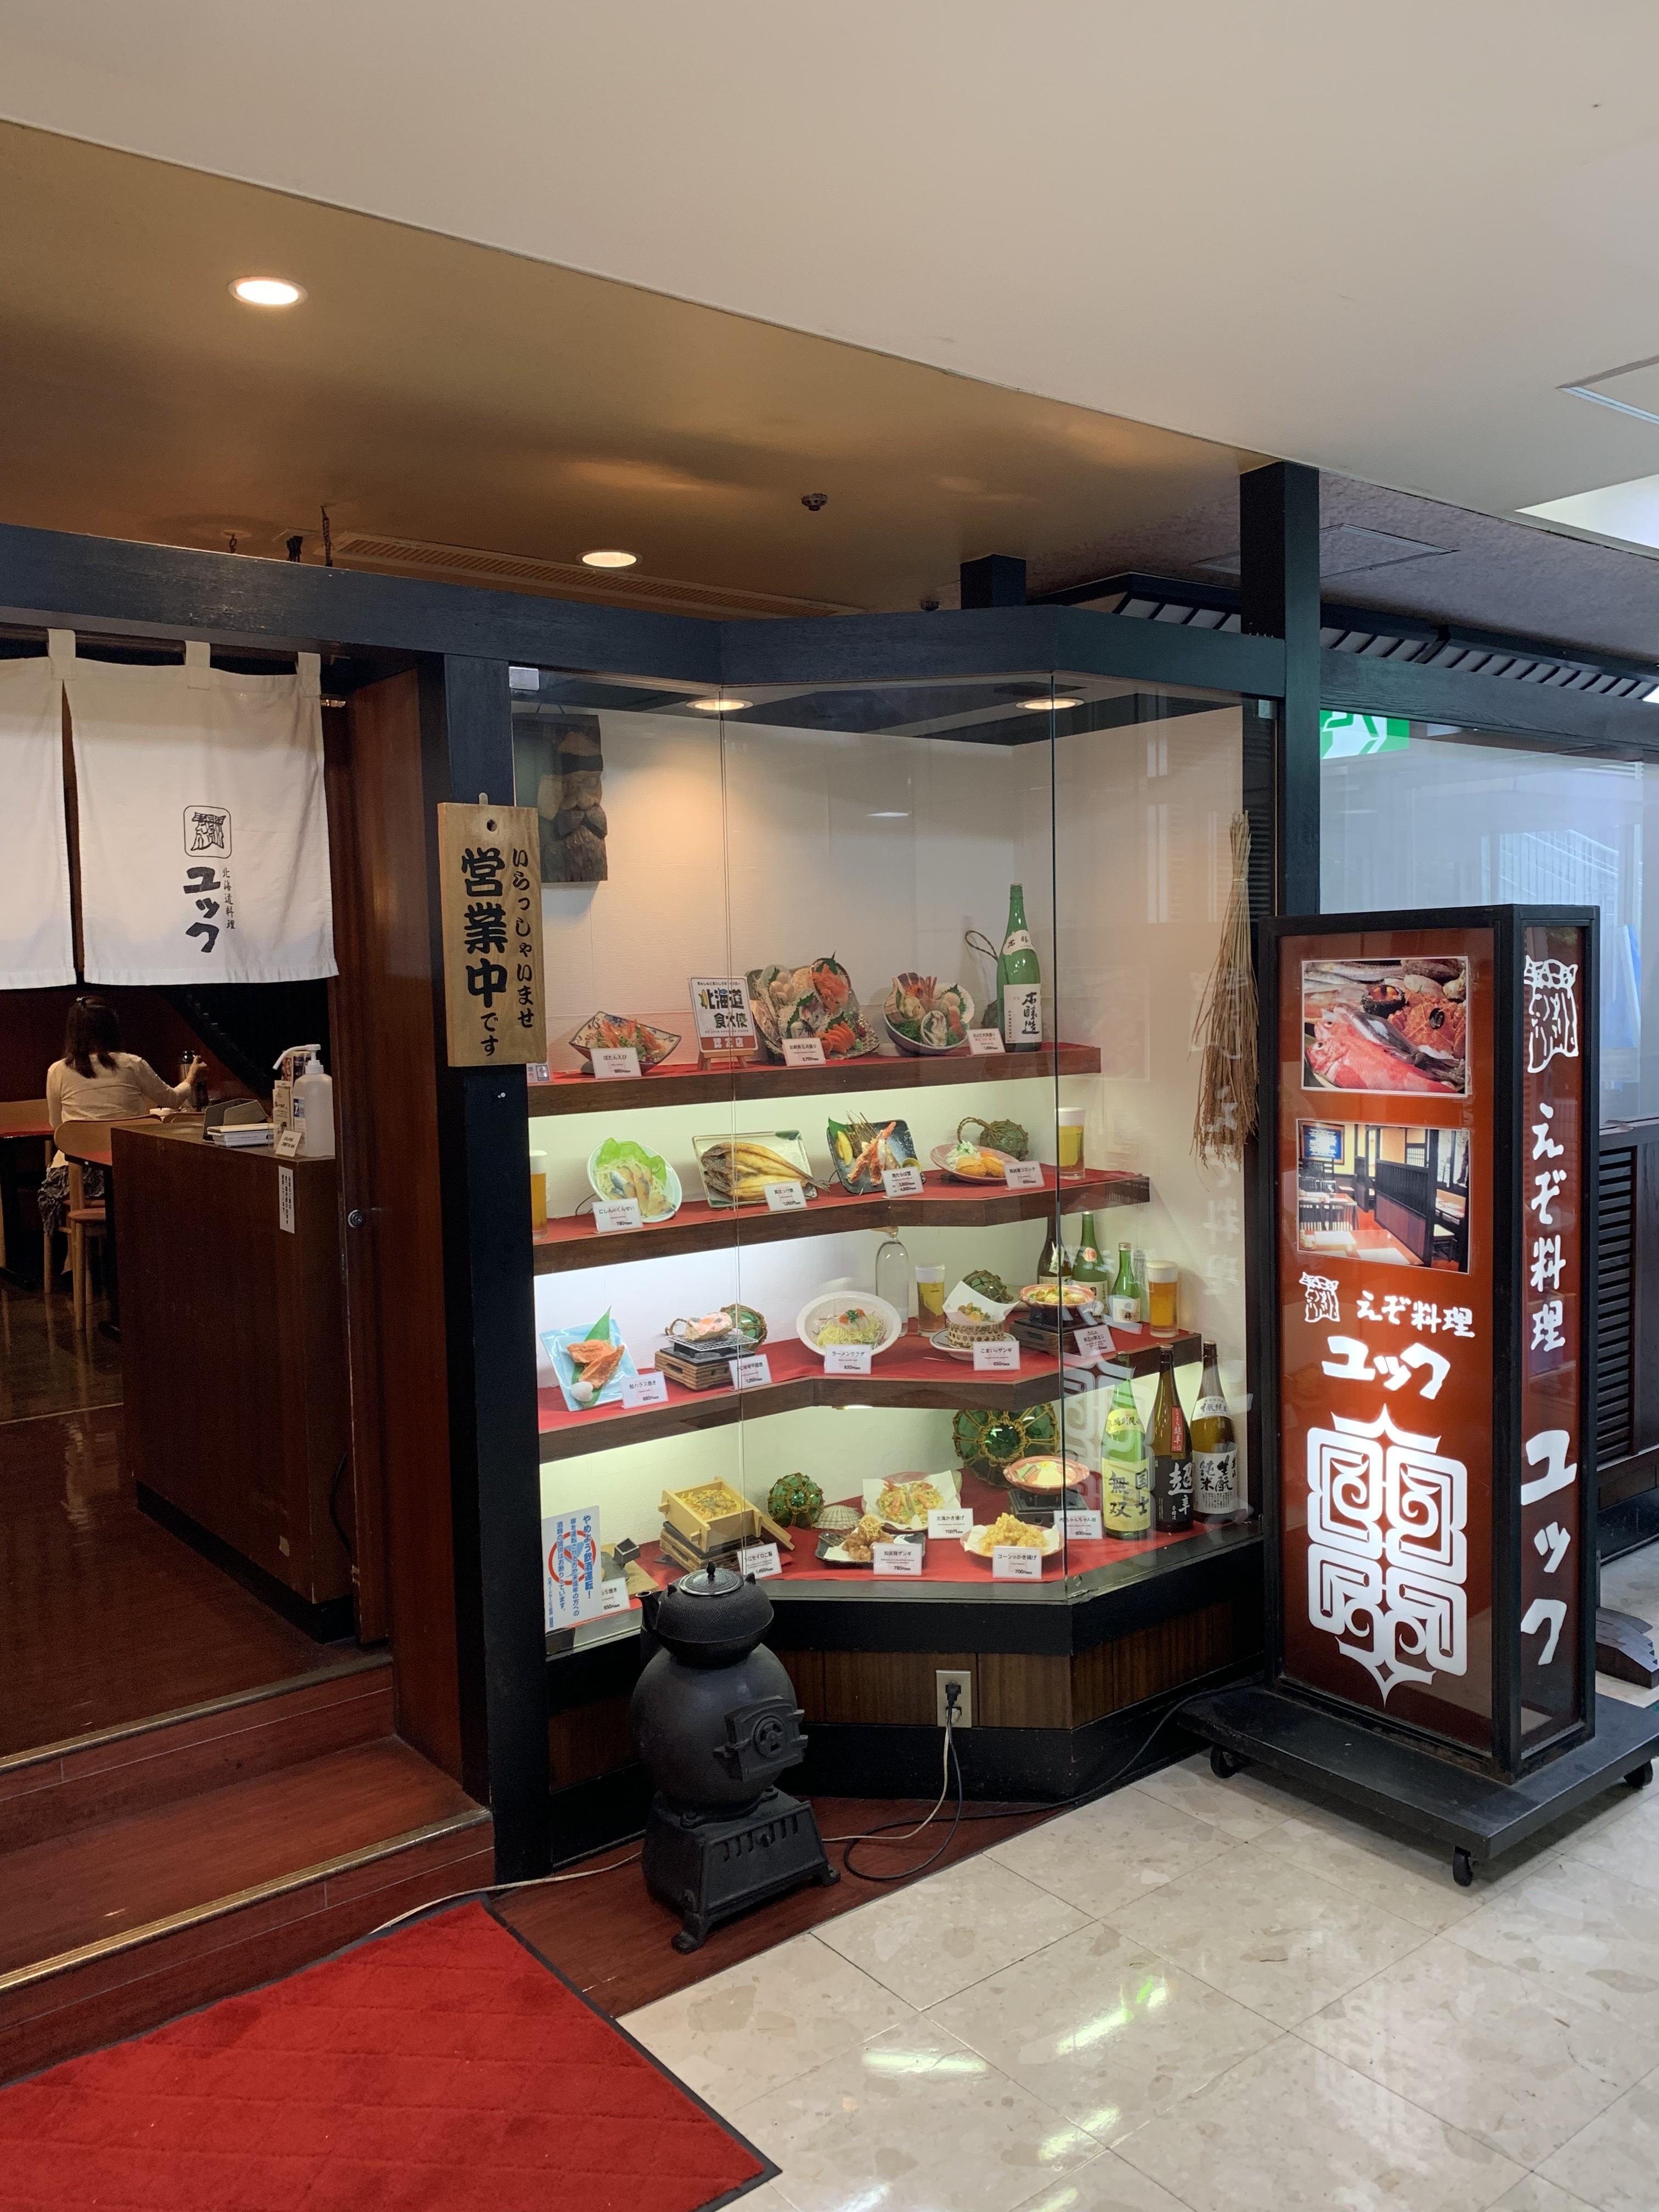 【大崎】ユック/大崎ニューシティ店舗街の一番奥。目立たないから隠れ家的飲み会にも使える北海道料理。